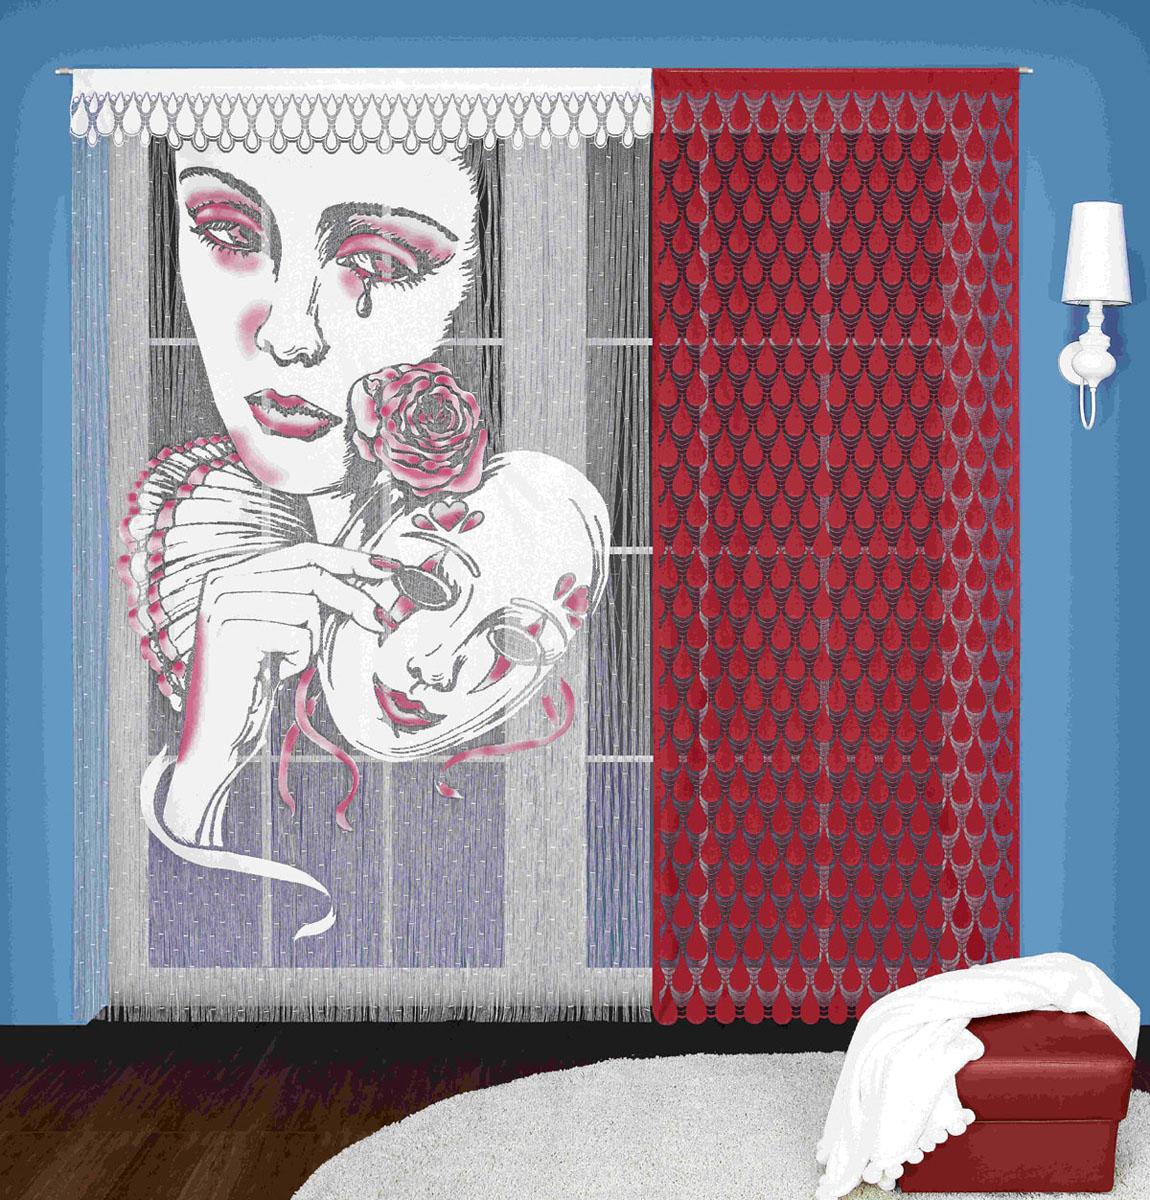 Гардина-лапша Wisan, цвет: бордовый, высота 240 см3348Гардинное полотно Пьеро, состоящее из двух отдельных частей . Крепится на кулиску.Размеры: ширина 150* высота 240, ширина 90* высота 240